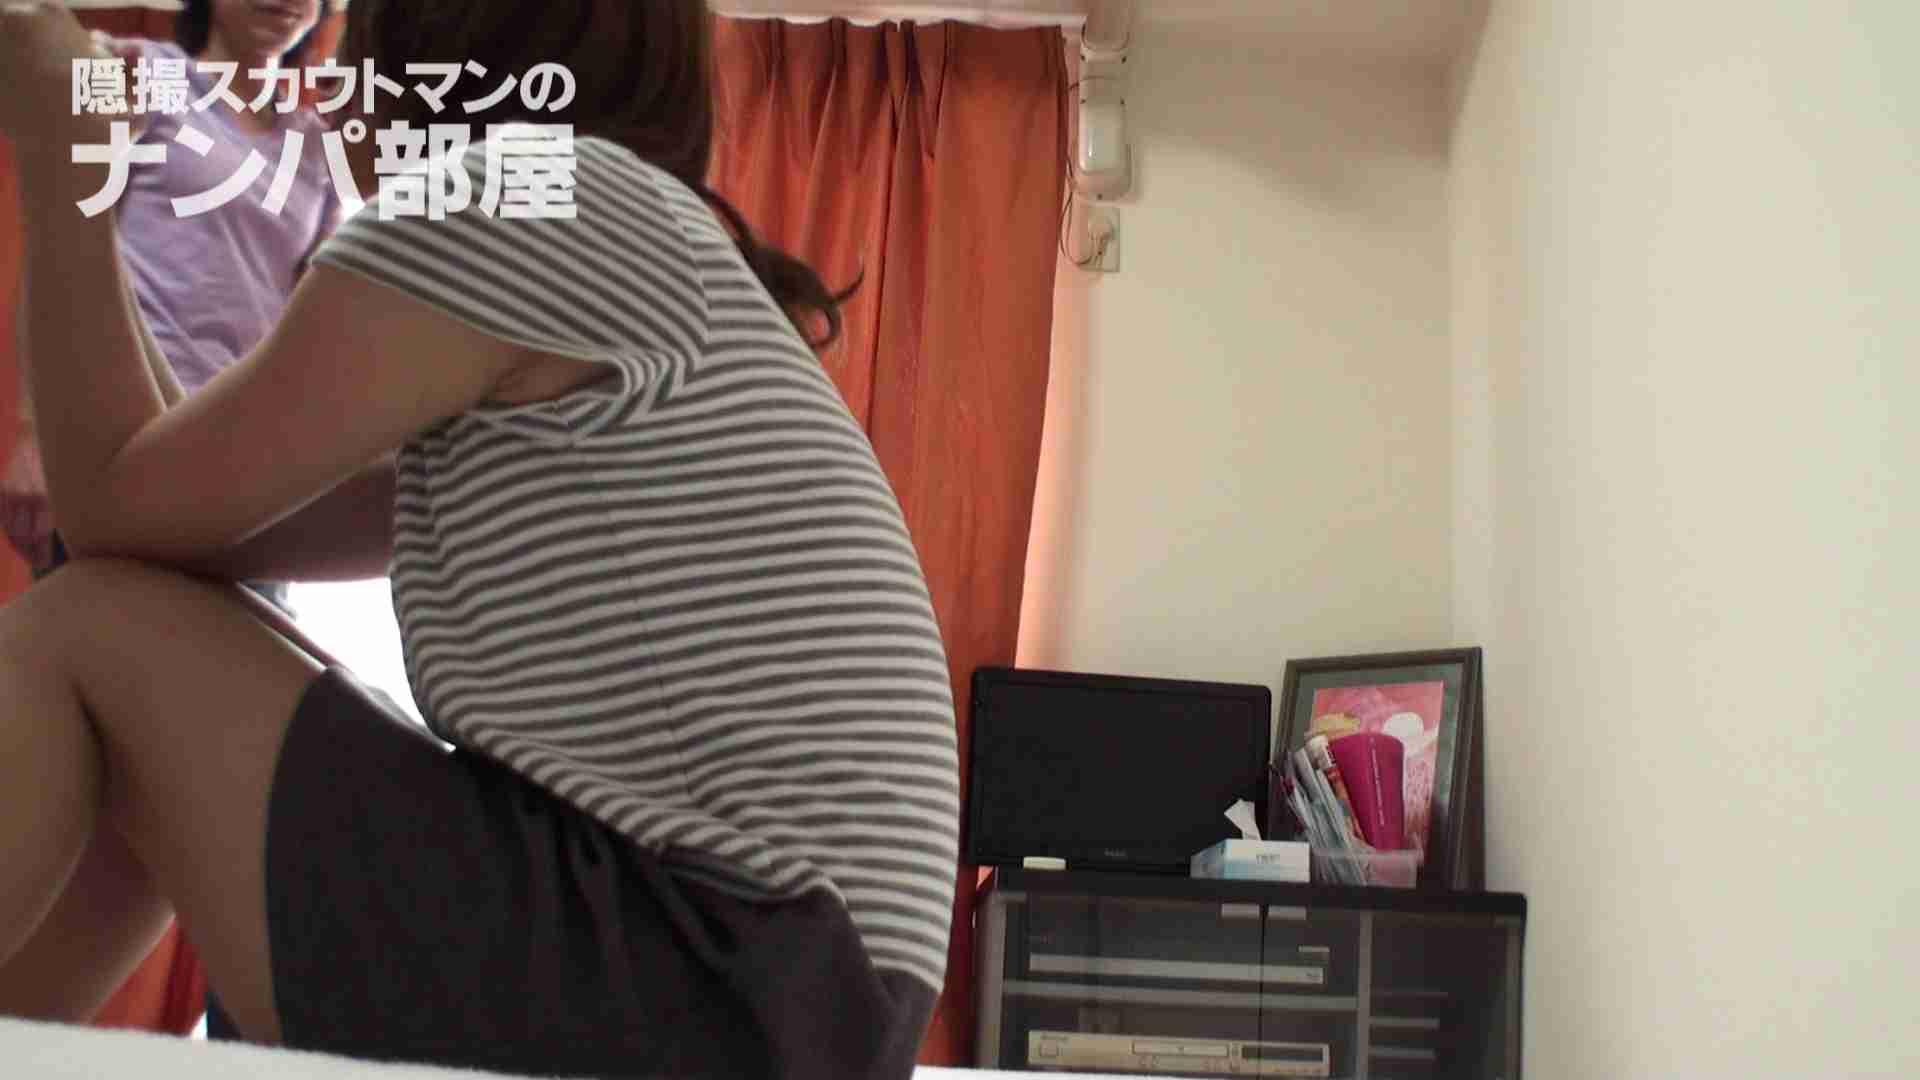 隠撮スカウトマンのナンパ部屋~風俗デビュー前のつまみ食い~ siivol.3 ナンパ  92PIX 8